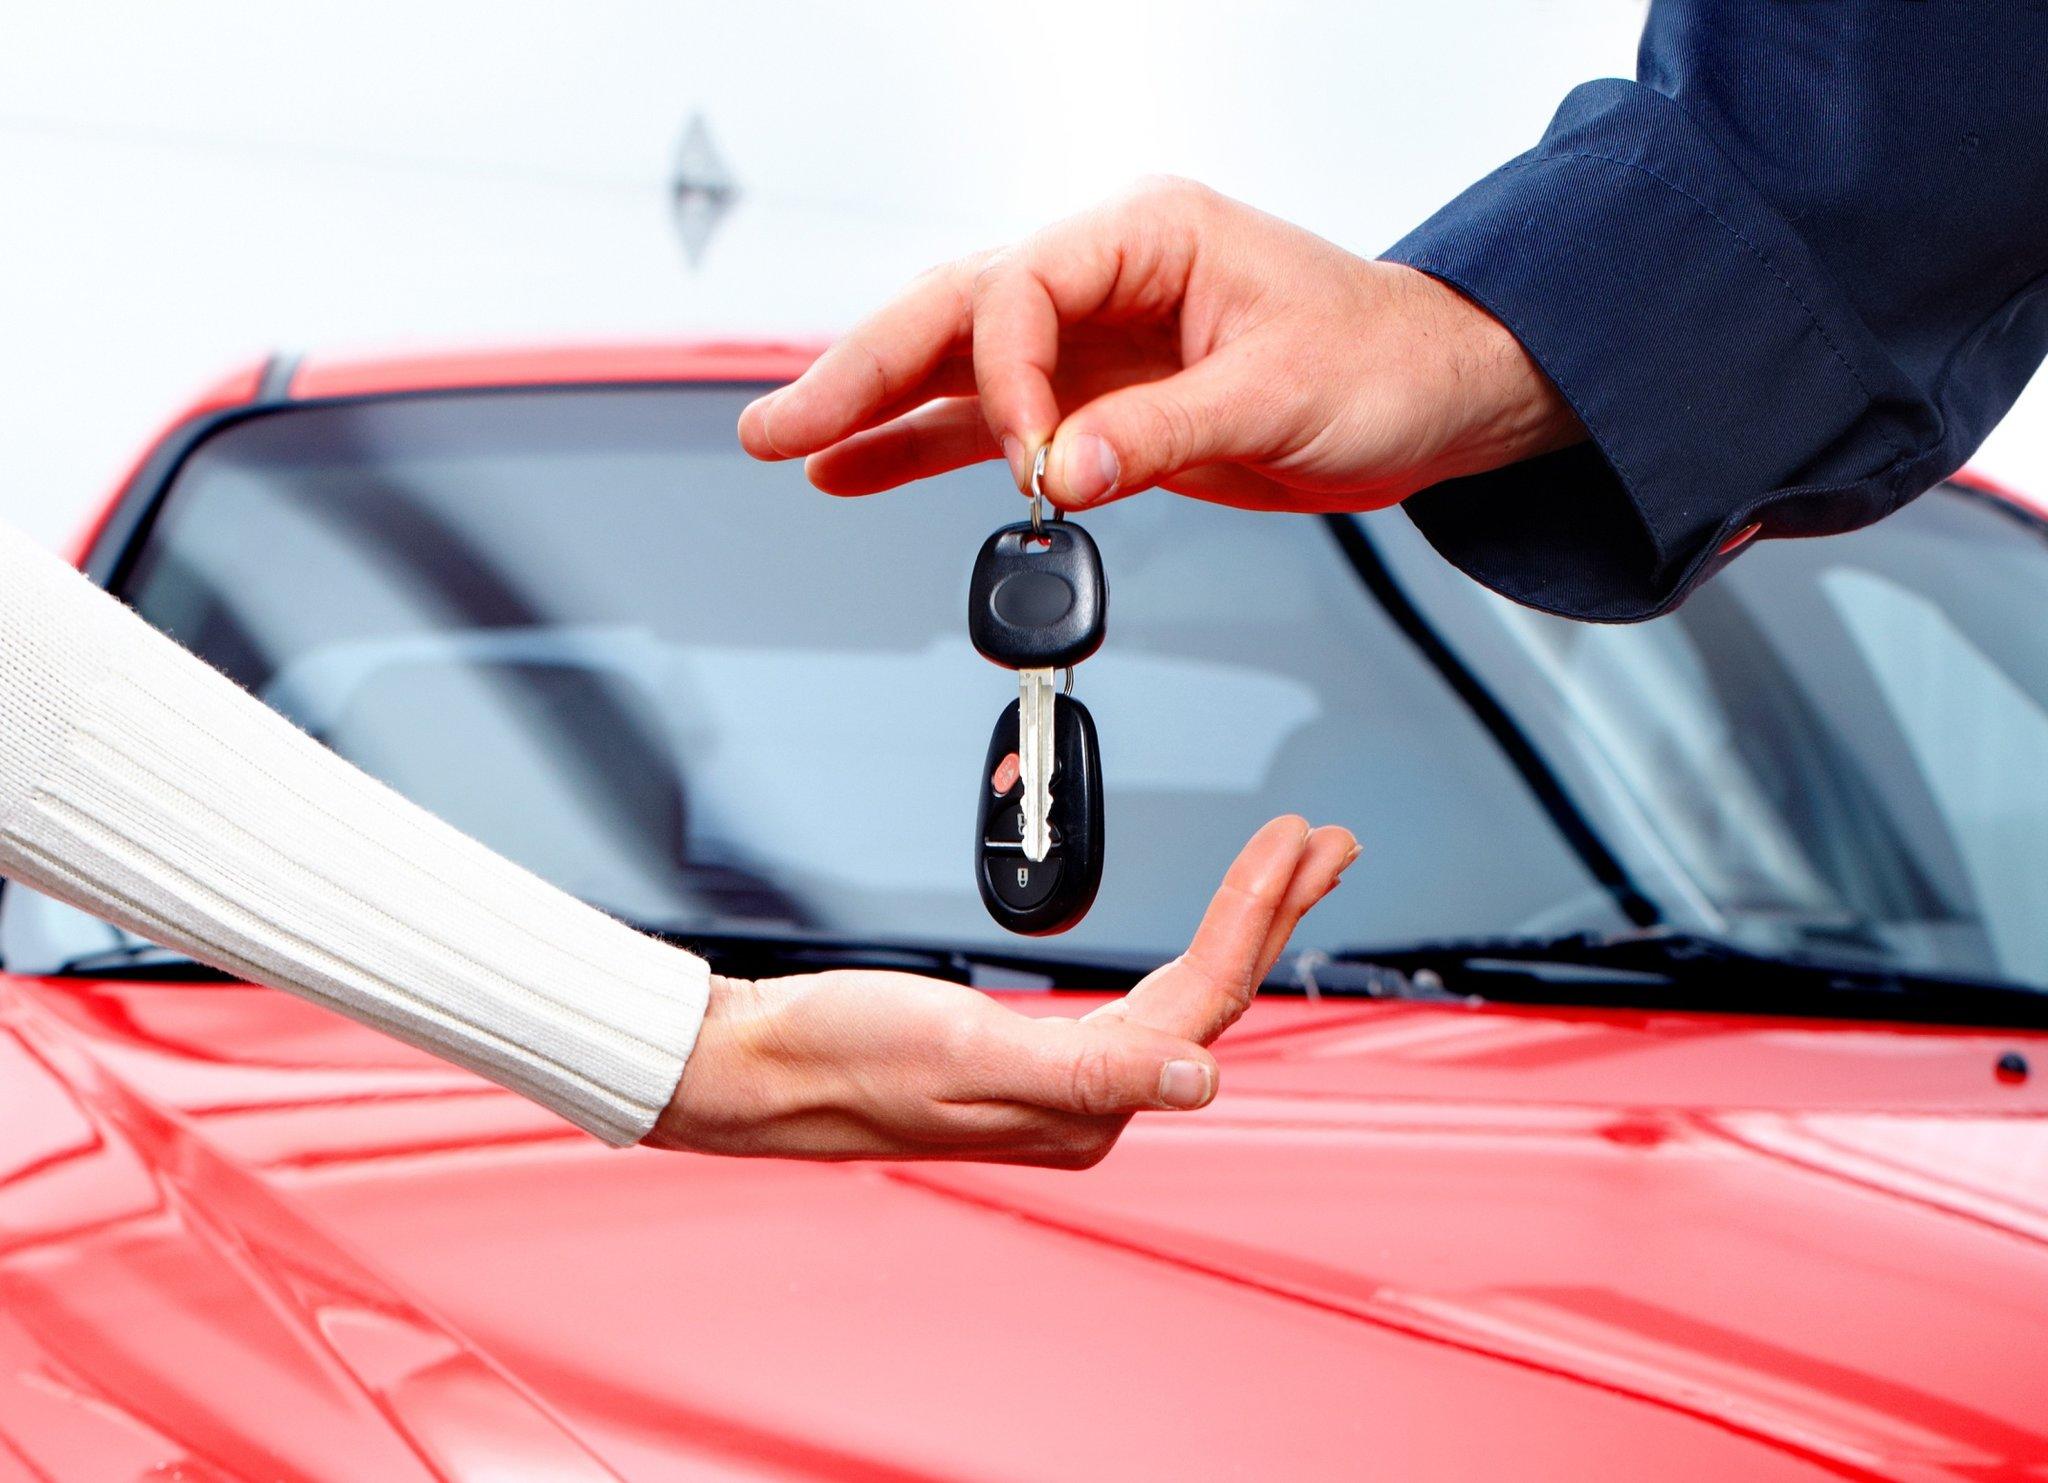 почему дорогие машины продают дешево красотки обладают самыми